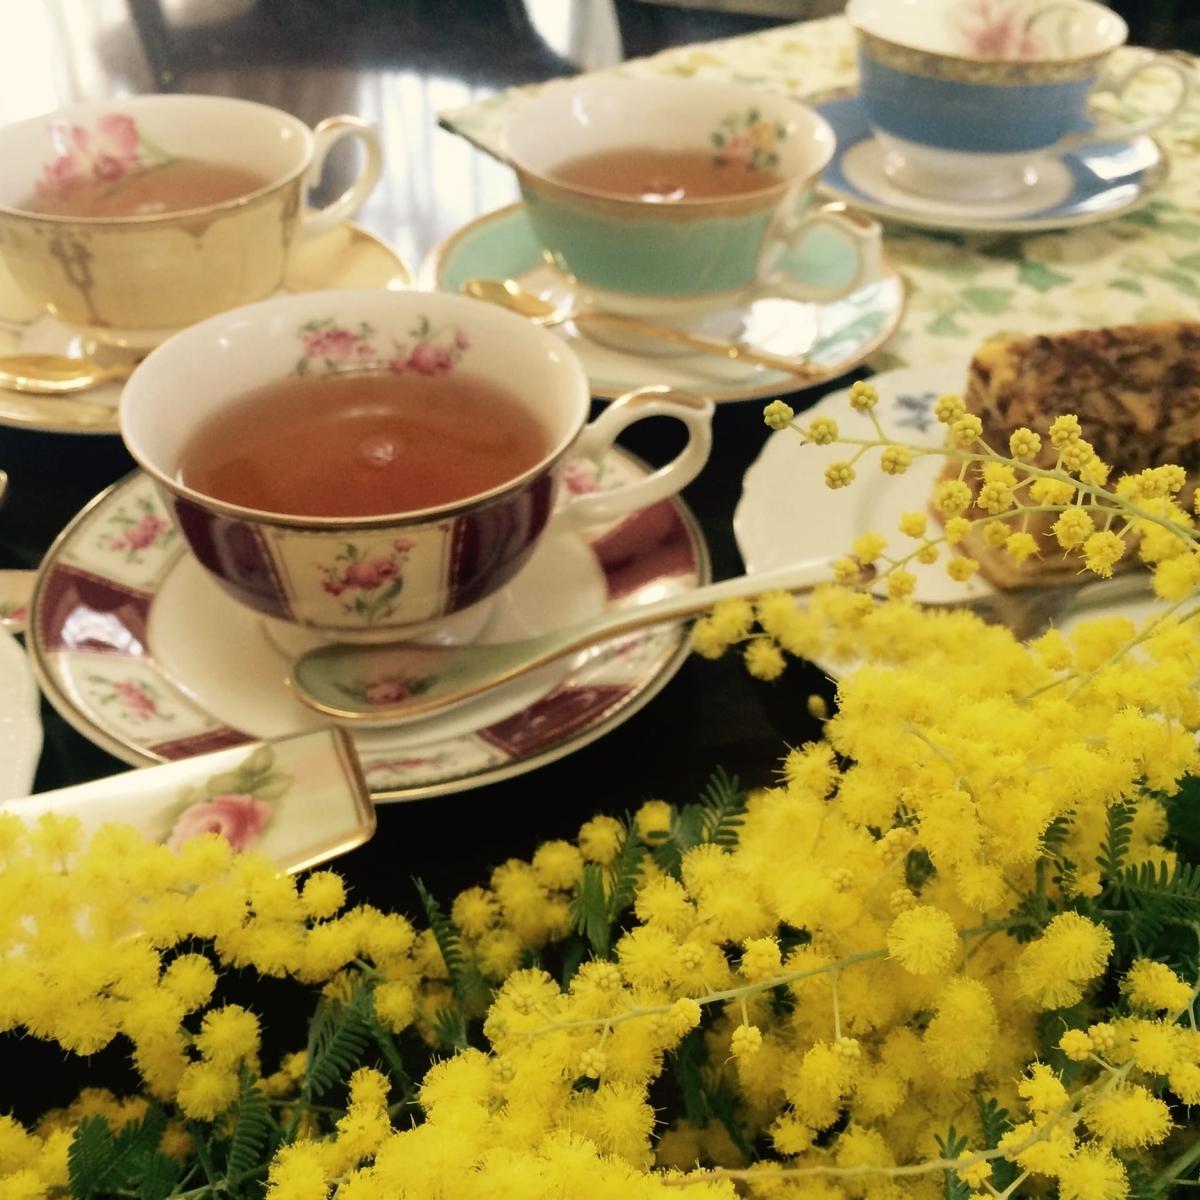 ルイボス茶葉の貴重な部分のみ使用しています